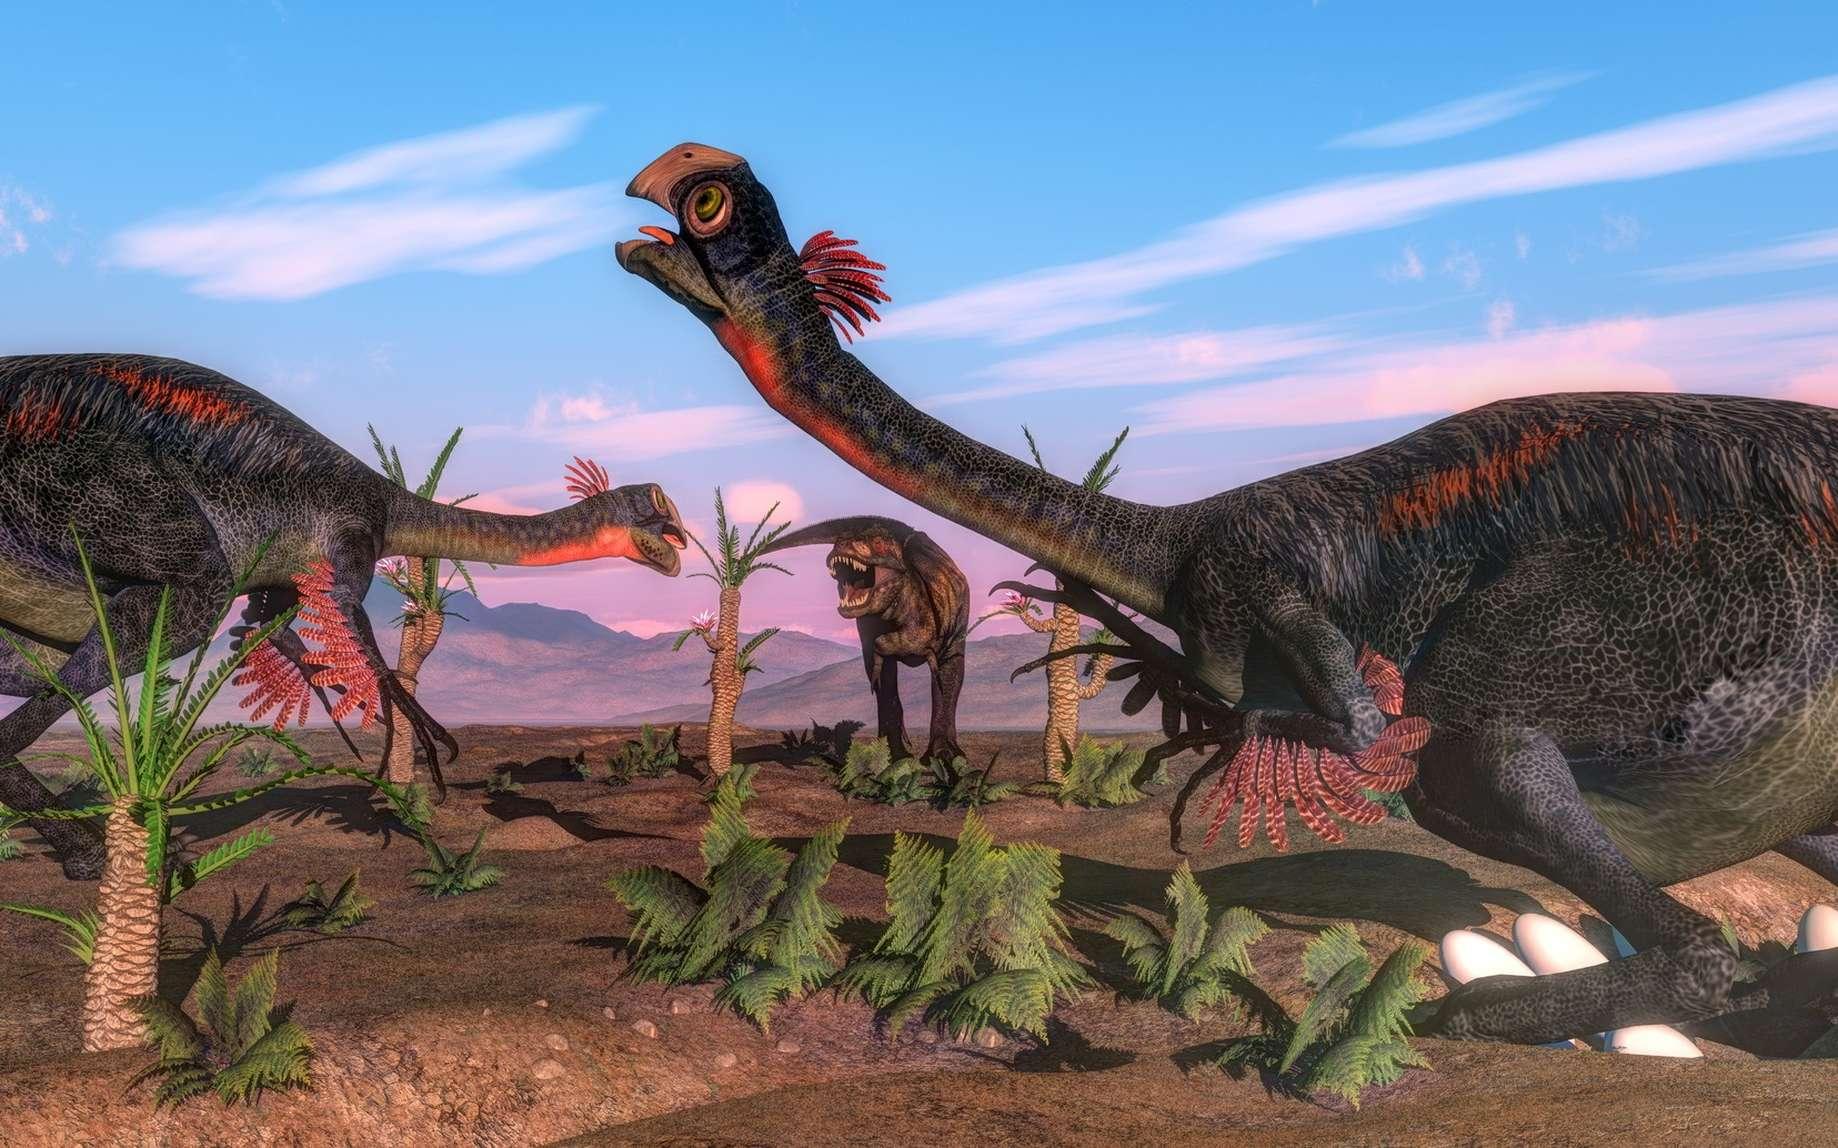 Les gros dinosaures devaient se poser au milieu de leurs œufs, disposés en rond autour d'eux. © Elenarts, Fotolia